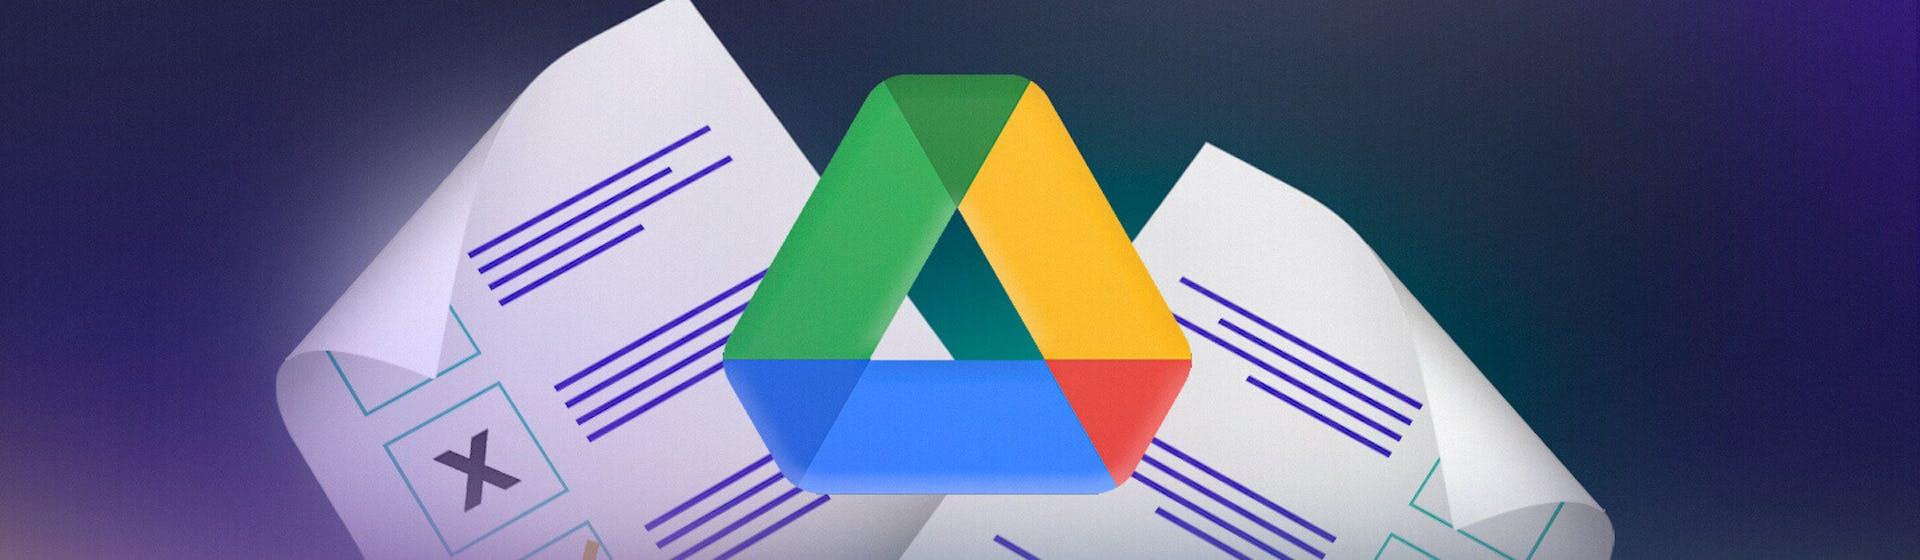 ¿Cómo hacer una encuesta en Google?: ¡Te enseñamos cómo en solo 3 pasos!